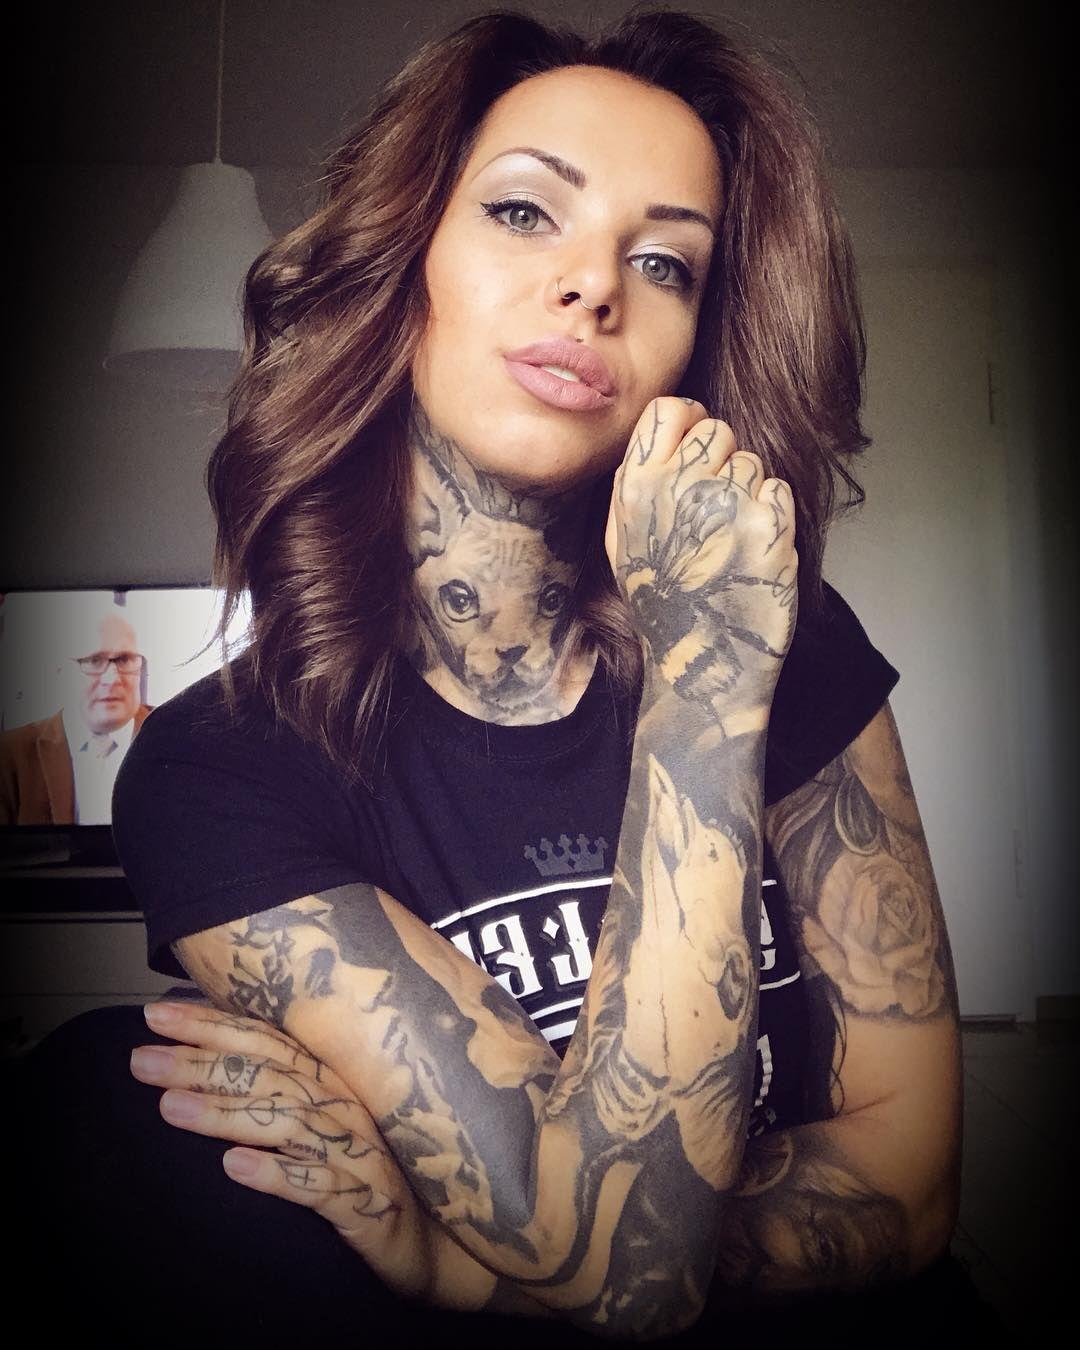 Женщины с тату воспринимаются, как распущенные и доступные